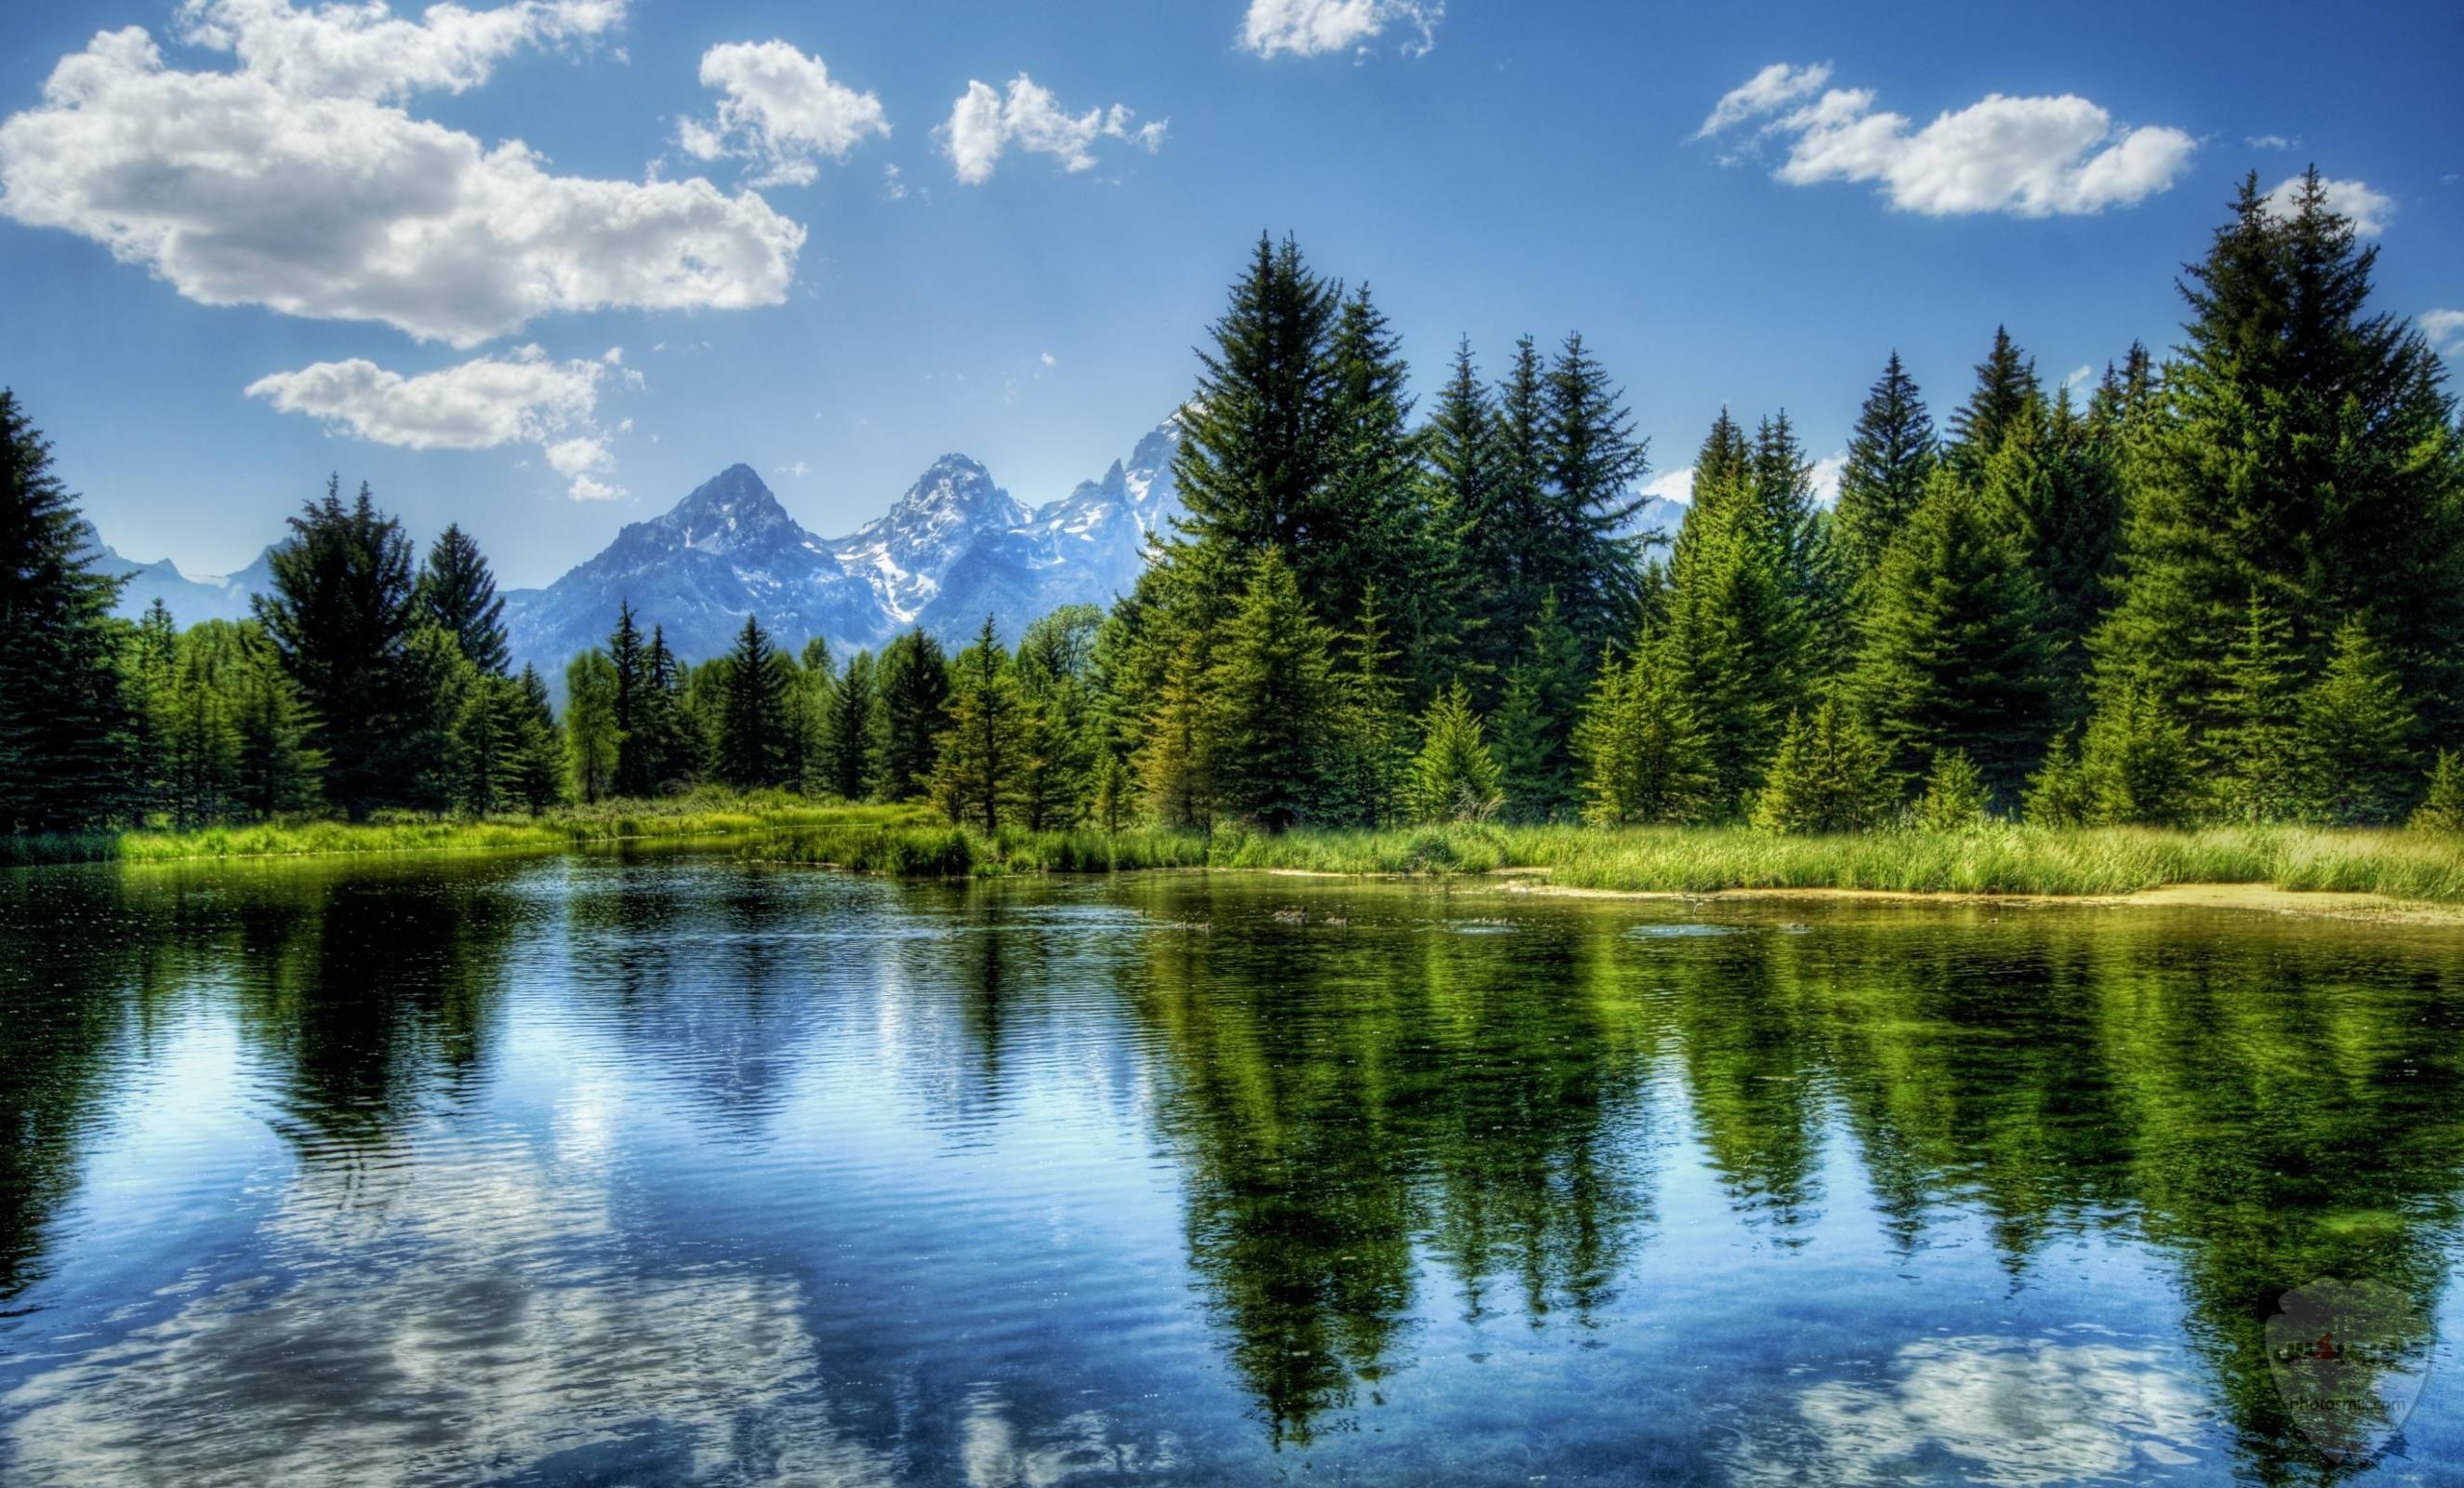 صور وخلفيات جبال وشلالات طبيعية HD خلفيات جبال خضراء وثلجية 23